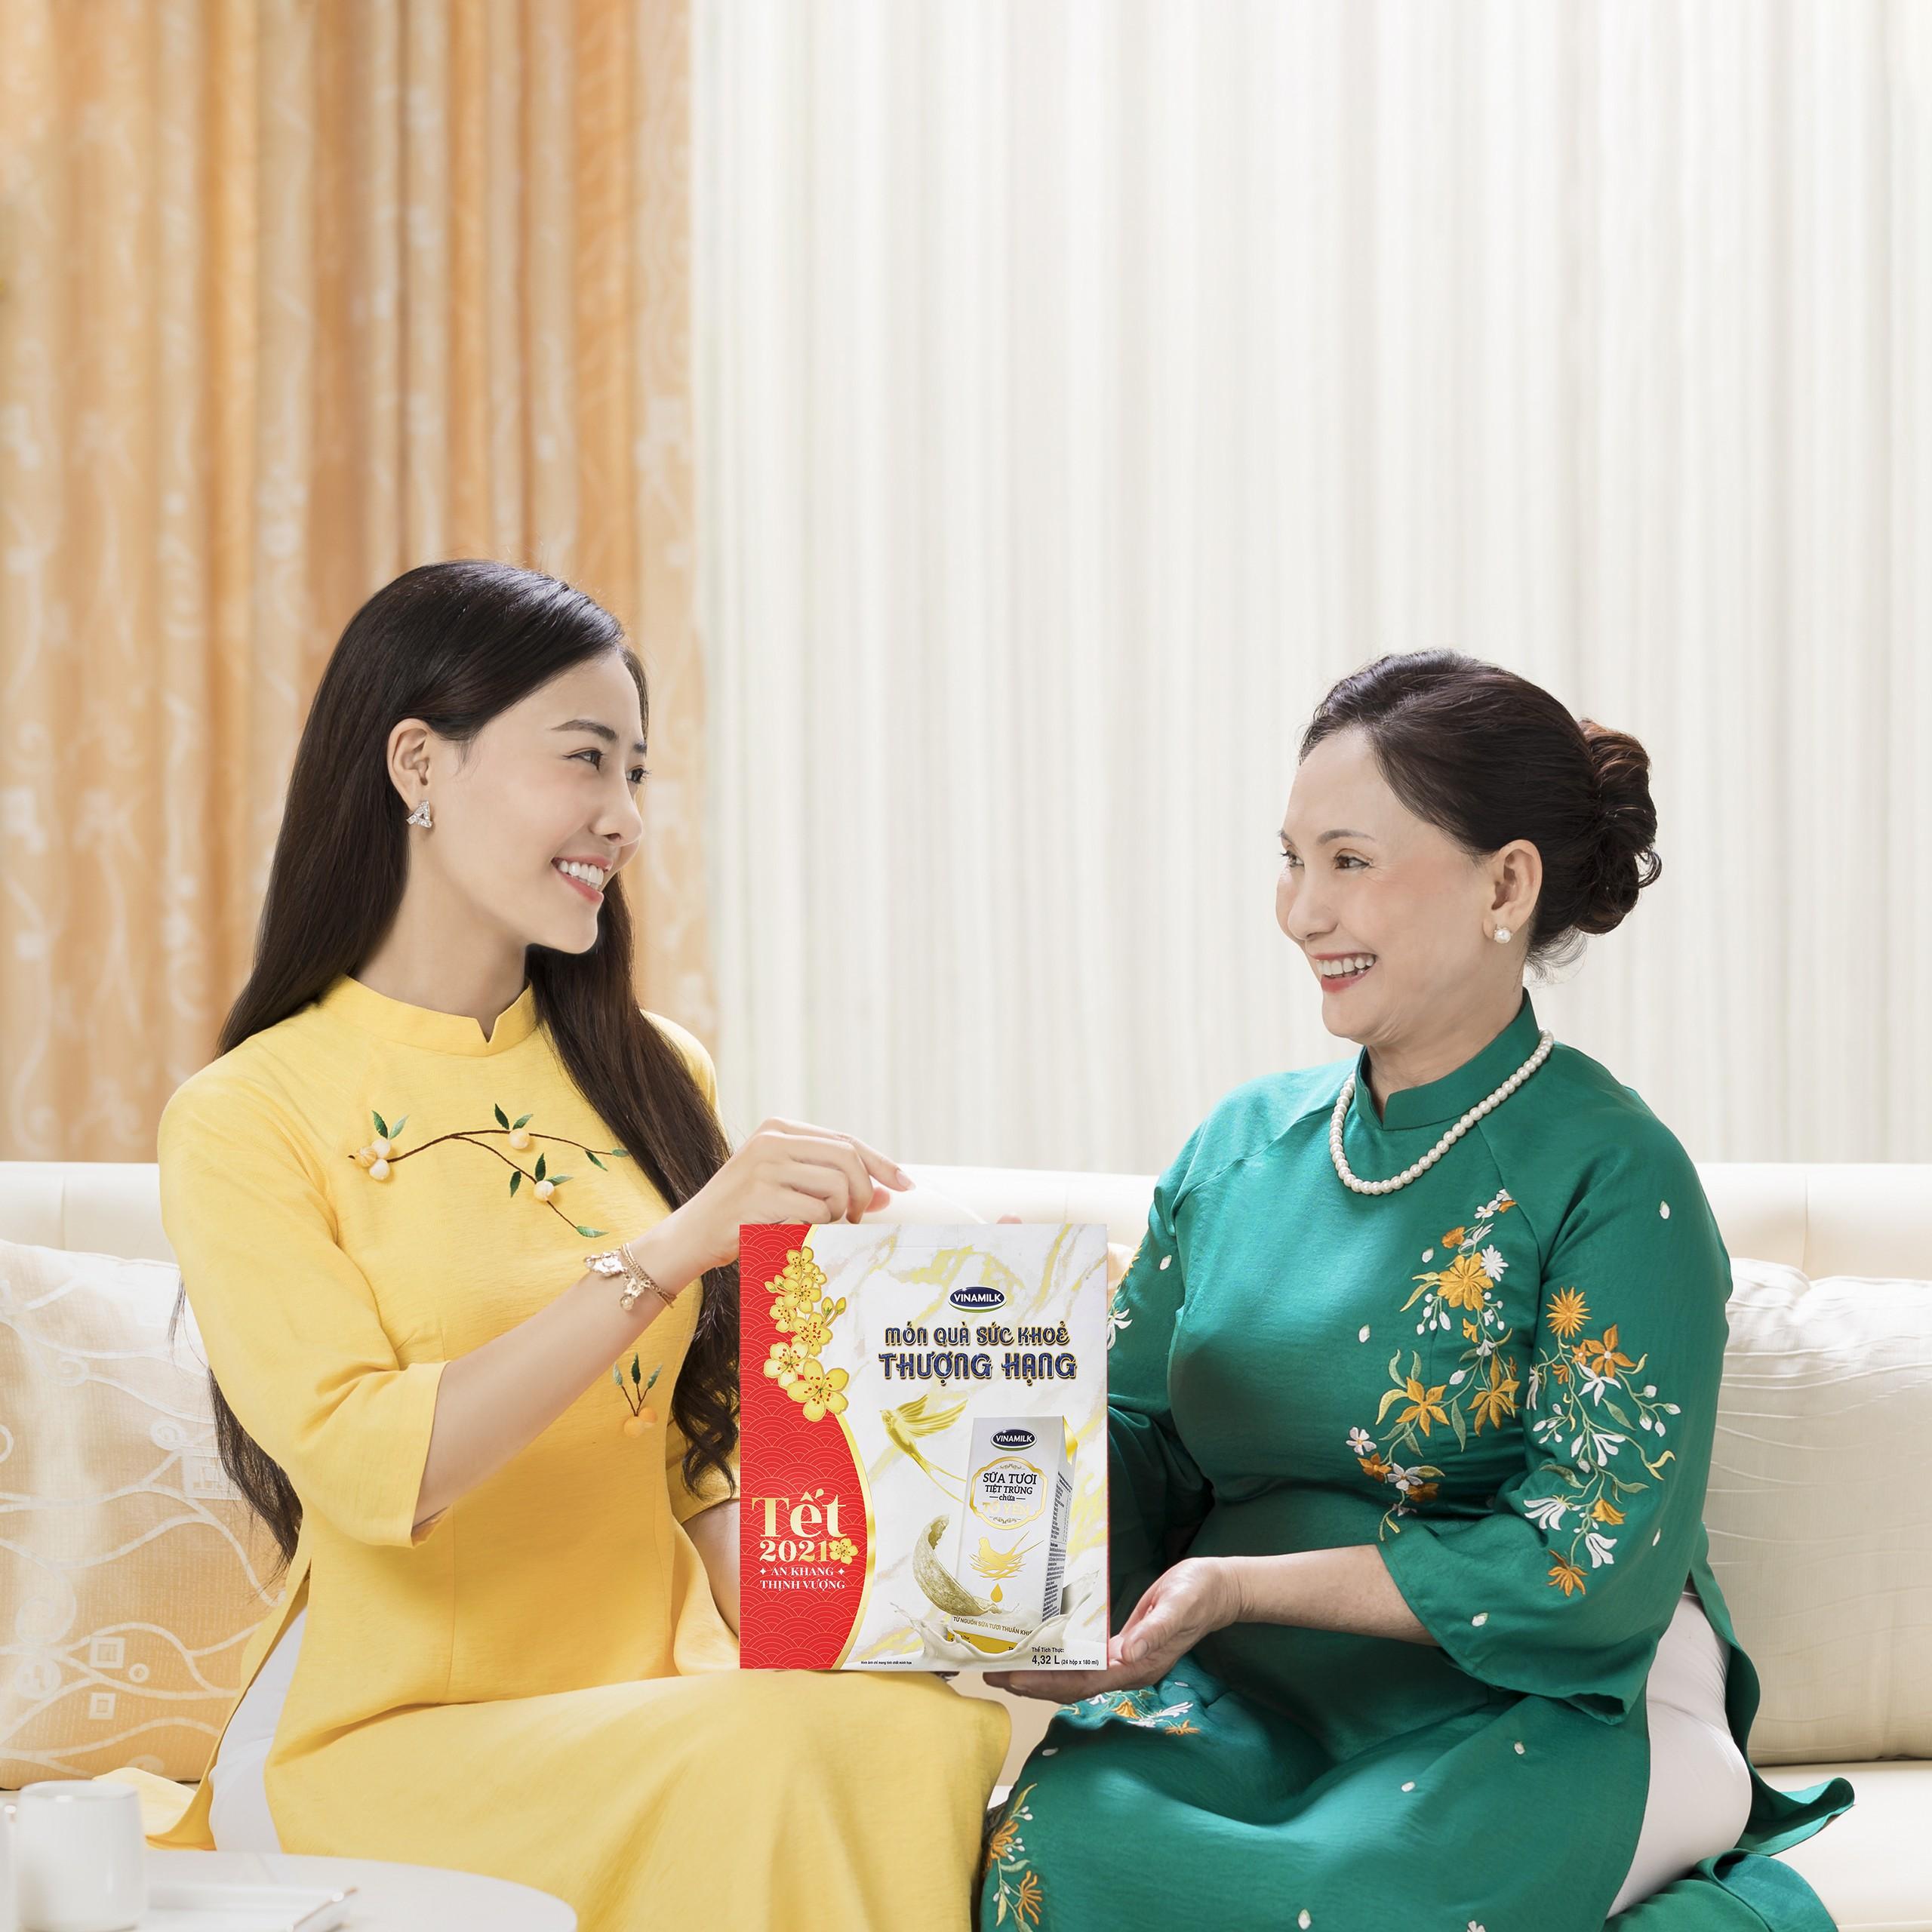 Tet Tan Suu: Vinamilk gioi thieu sua tuoi chua to yen phien ban dac biet-Hinh-2